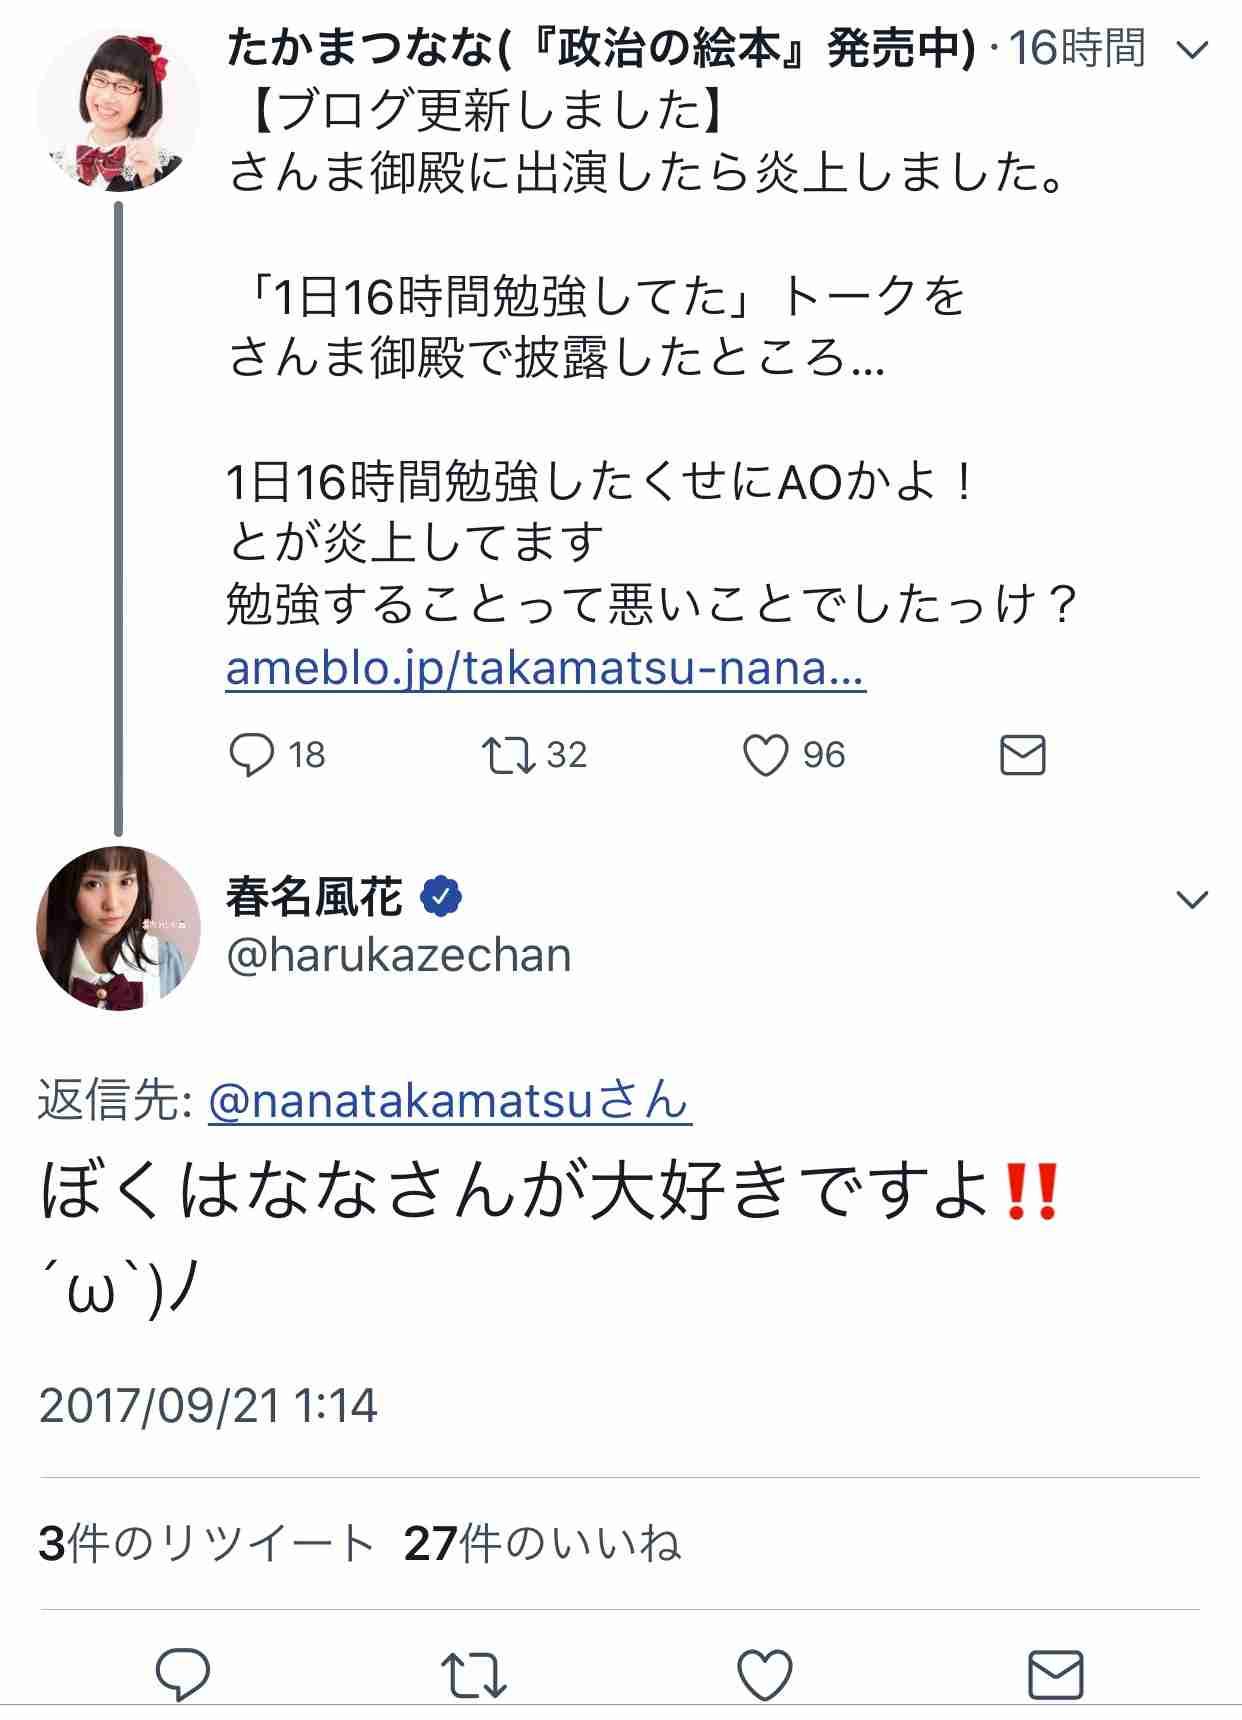 滝沢カレンの日本語は「教育上良くない」 高学歴芸人・たかまつななの主張、正論?暴論?